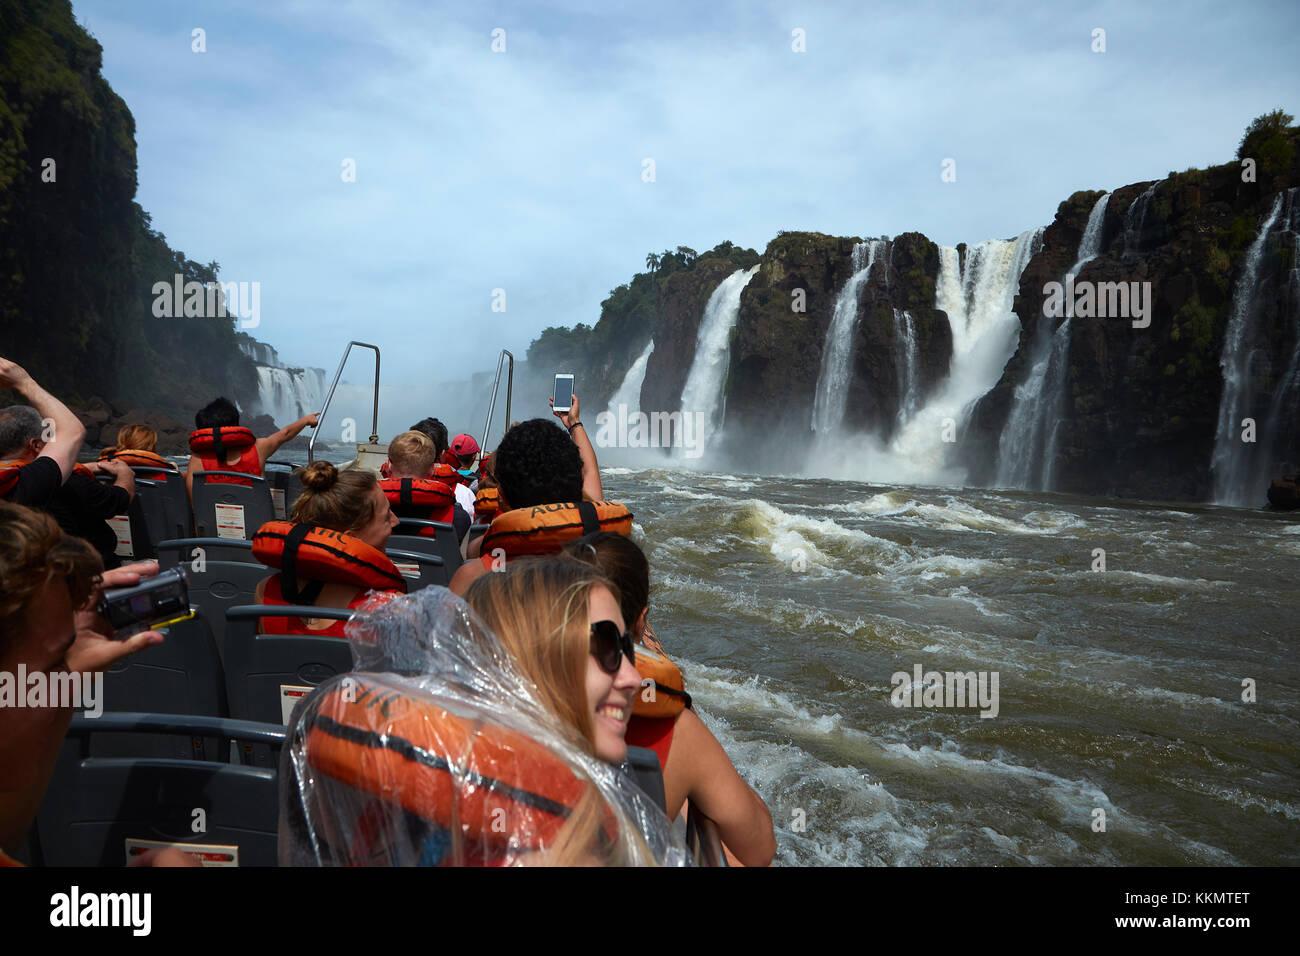 Touristen auf dem Boot, geht unter die Iguazu Wasserfälle, Argentinien, Südamerika Stockbild